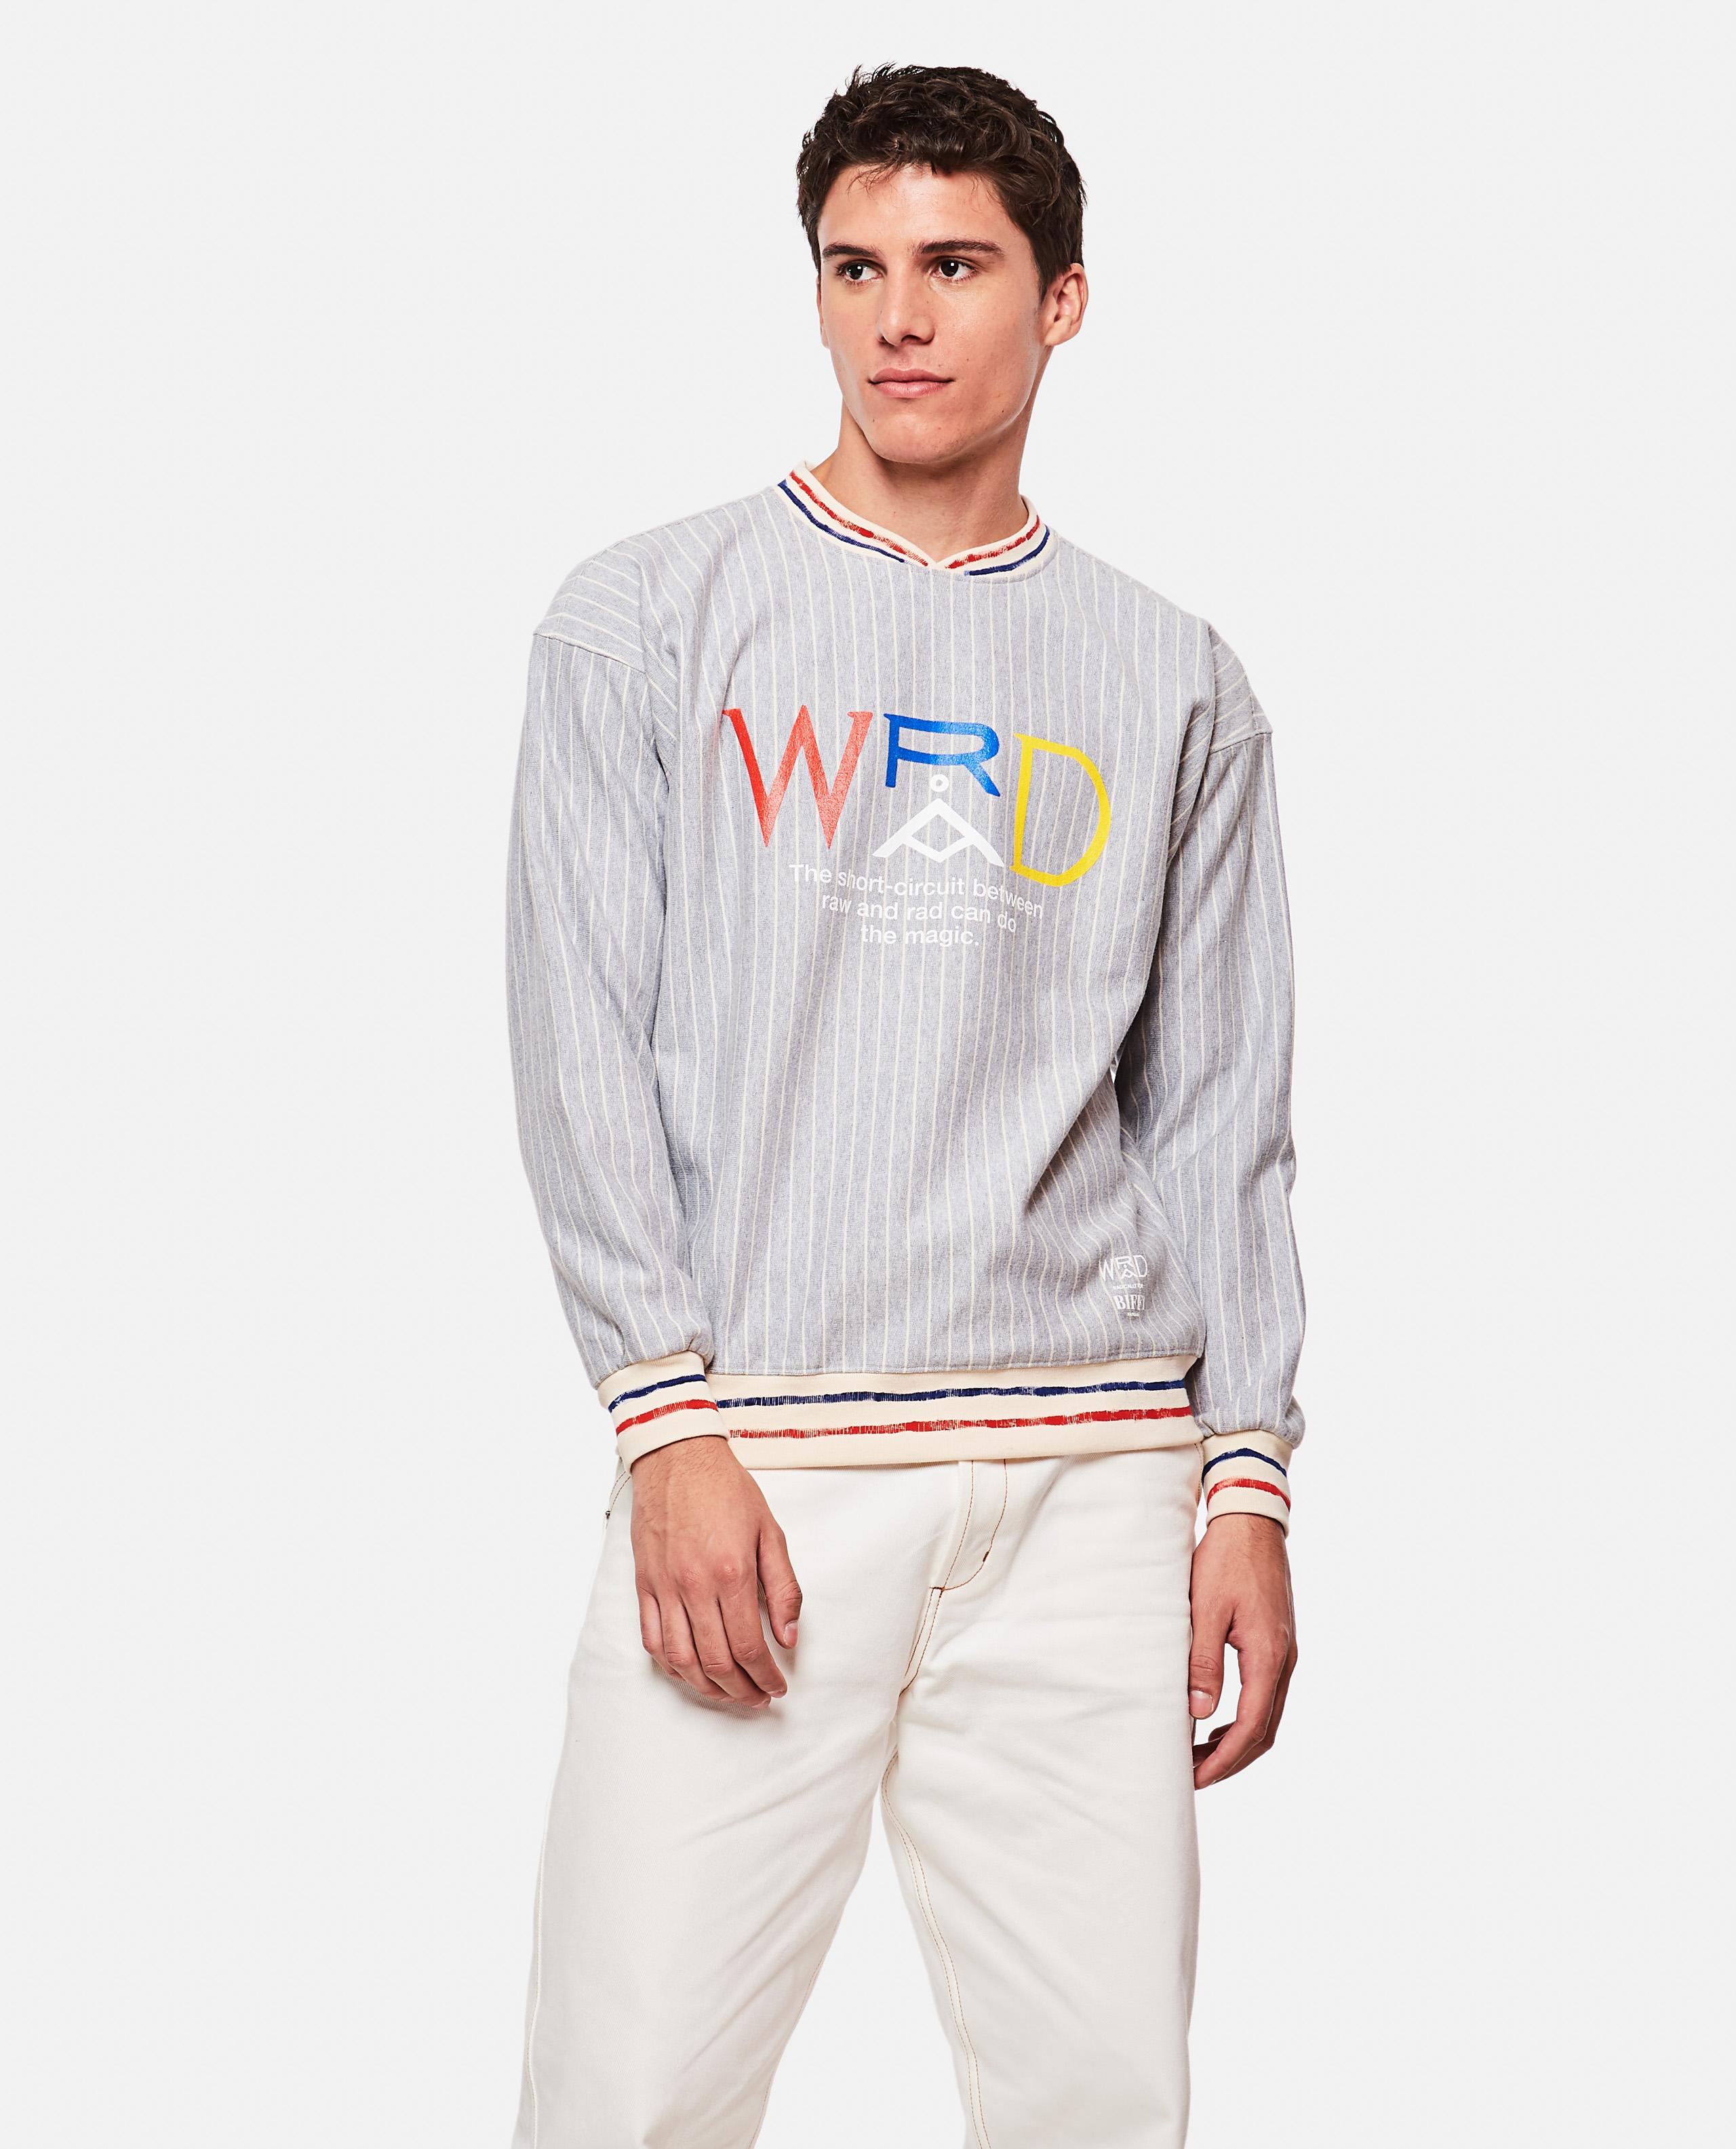 Wrad Radically For Biffi Boutiques Ballgame Sweatshirt